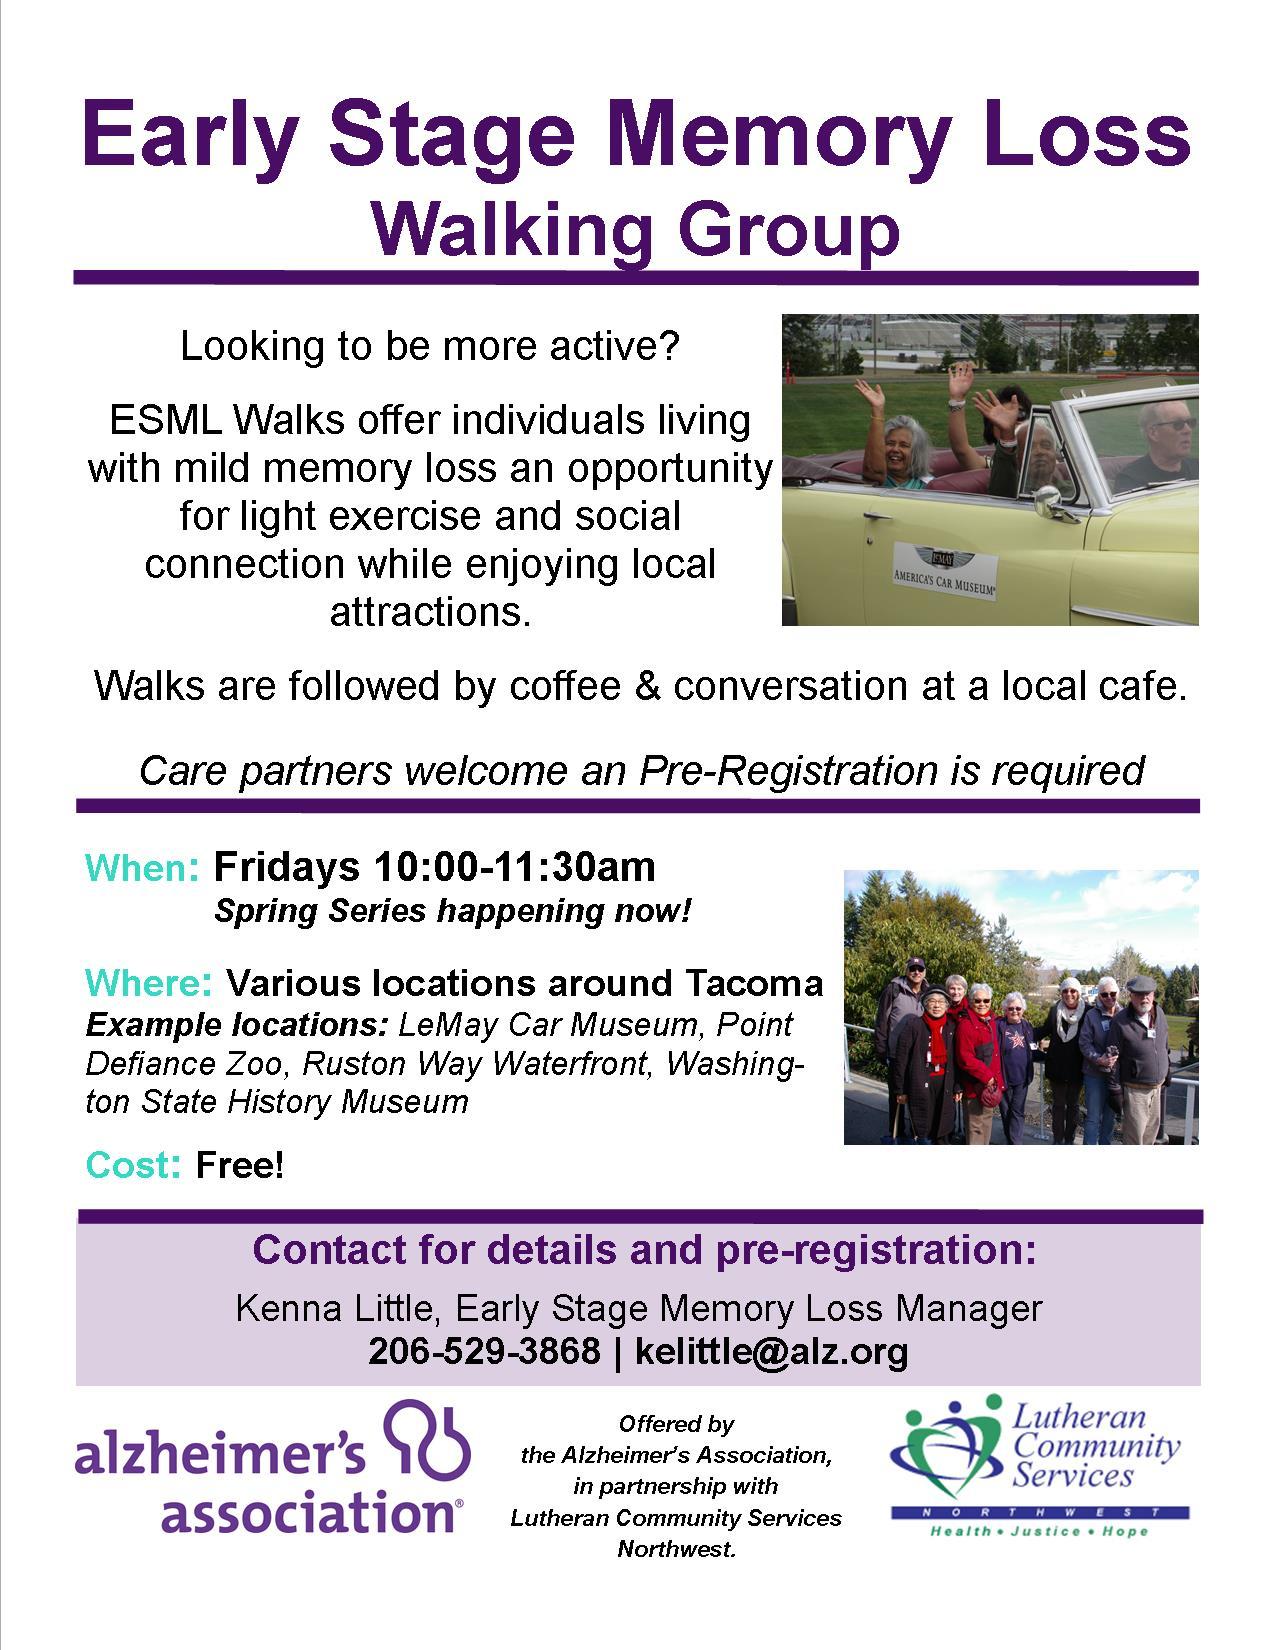 ESML Tac Walk Flyer.jpg